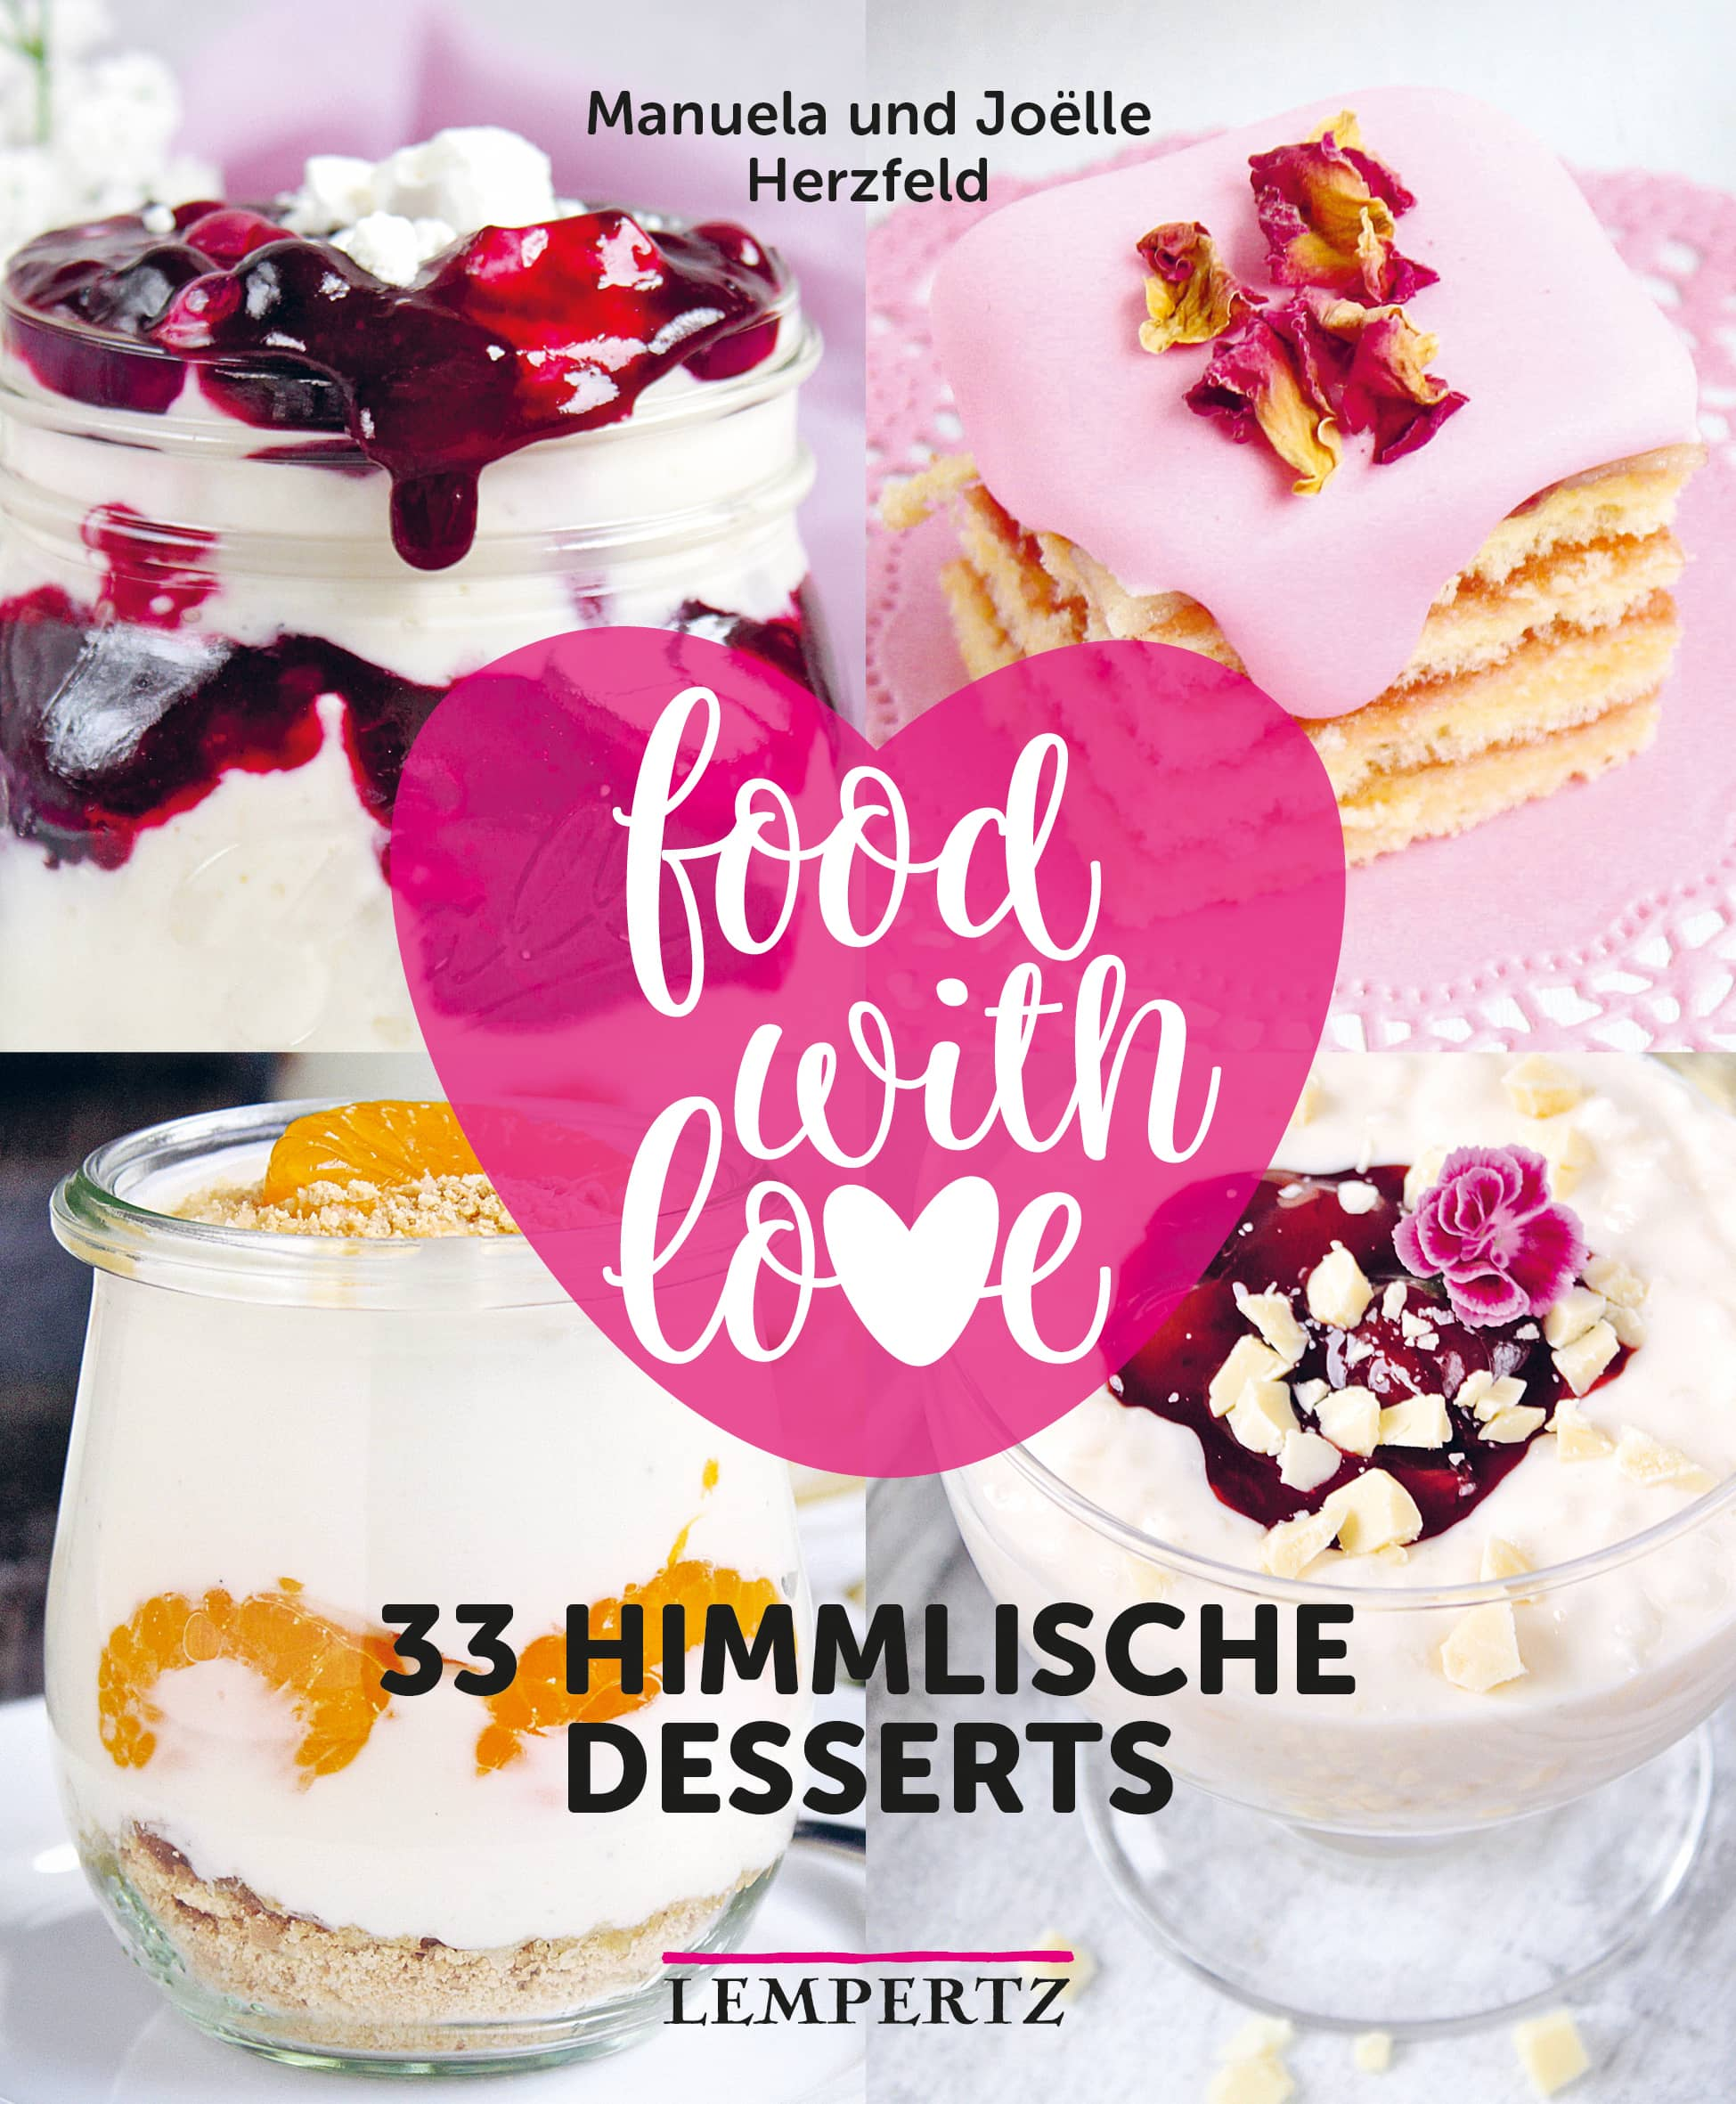 Himmlische Desserts